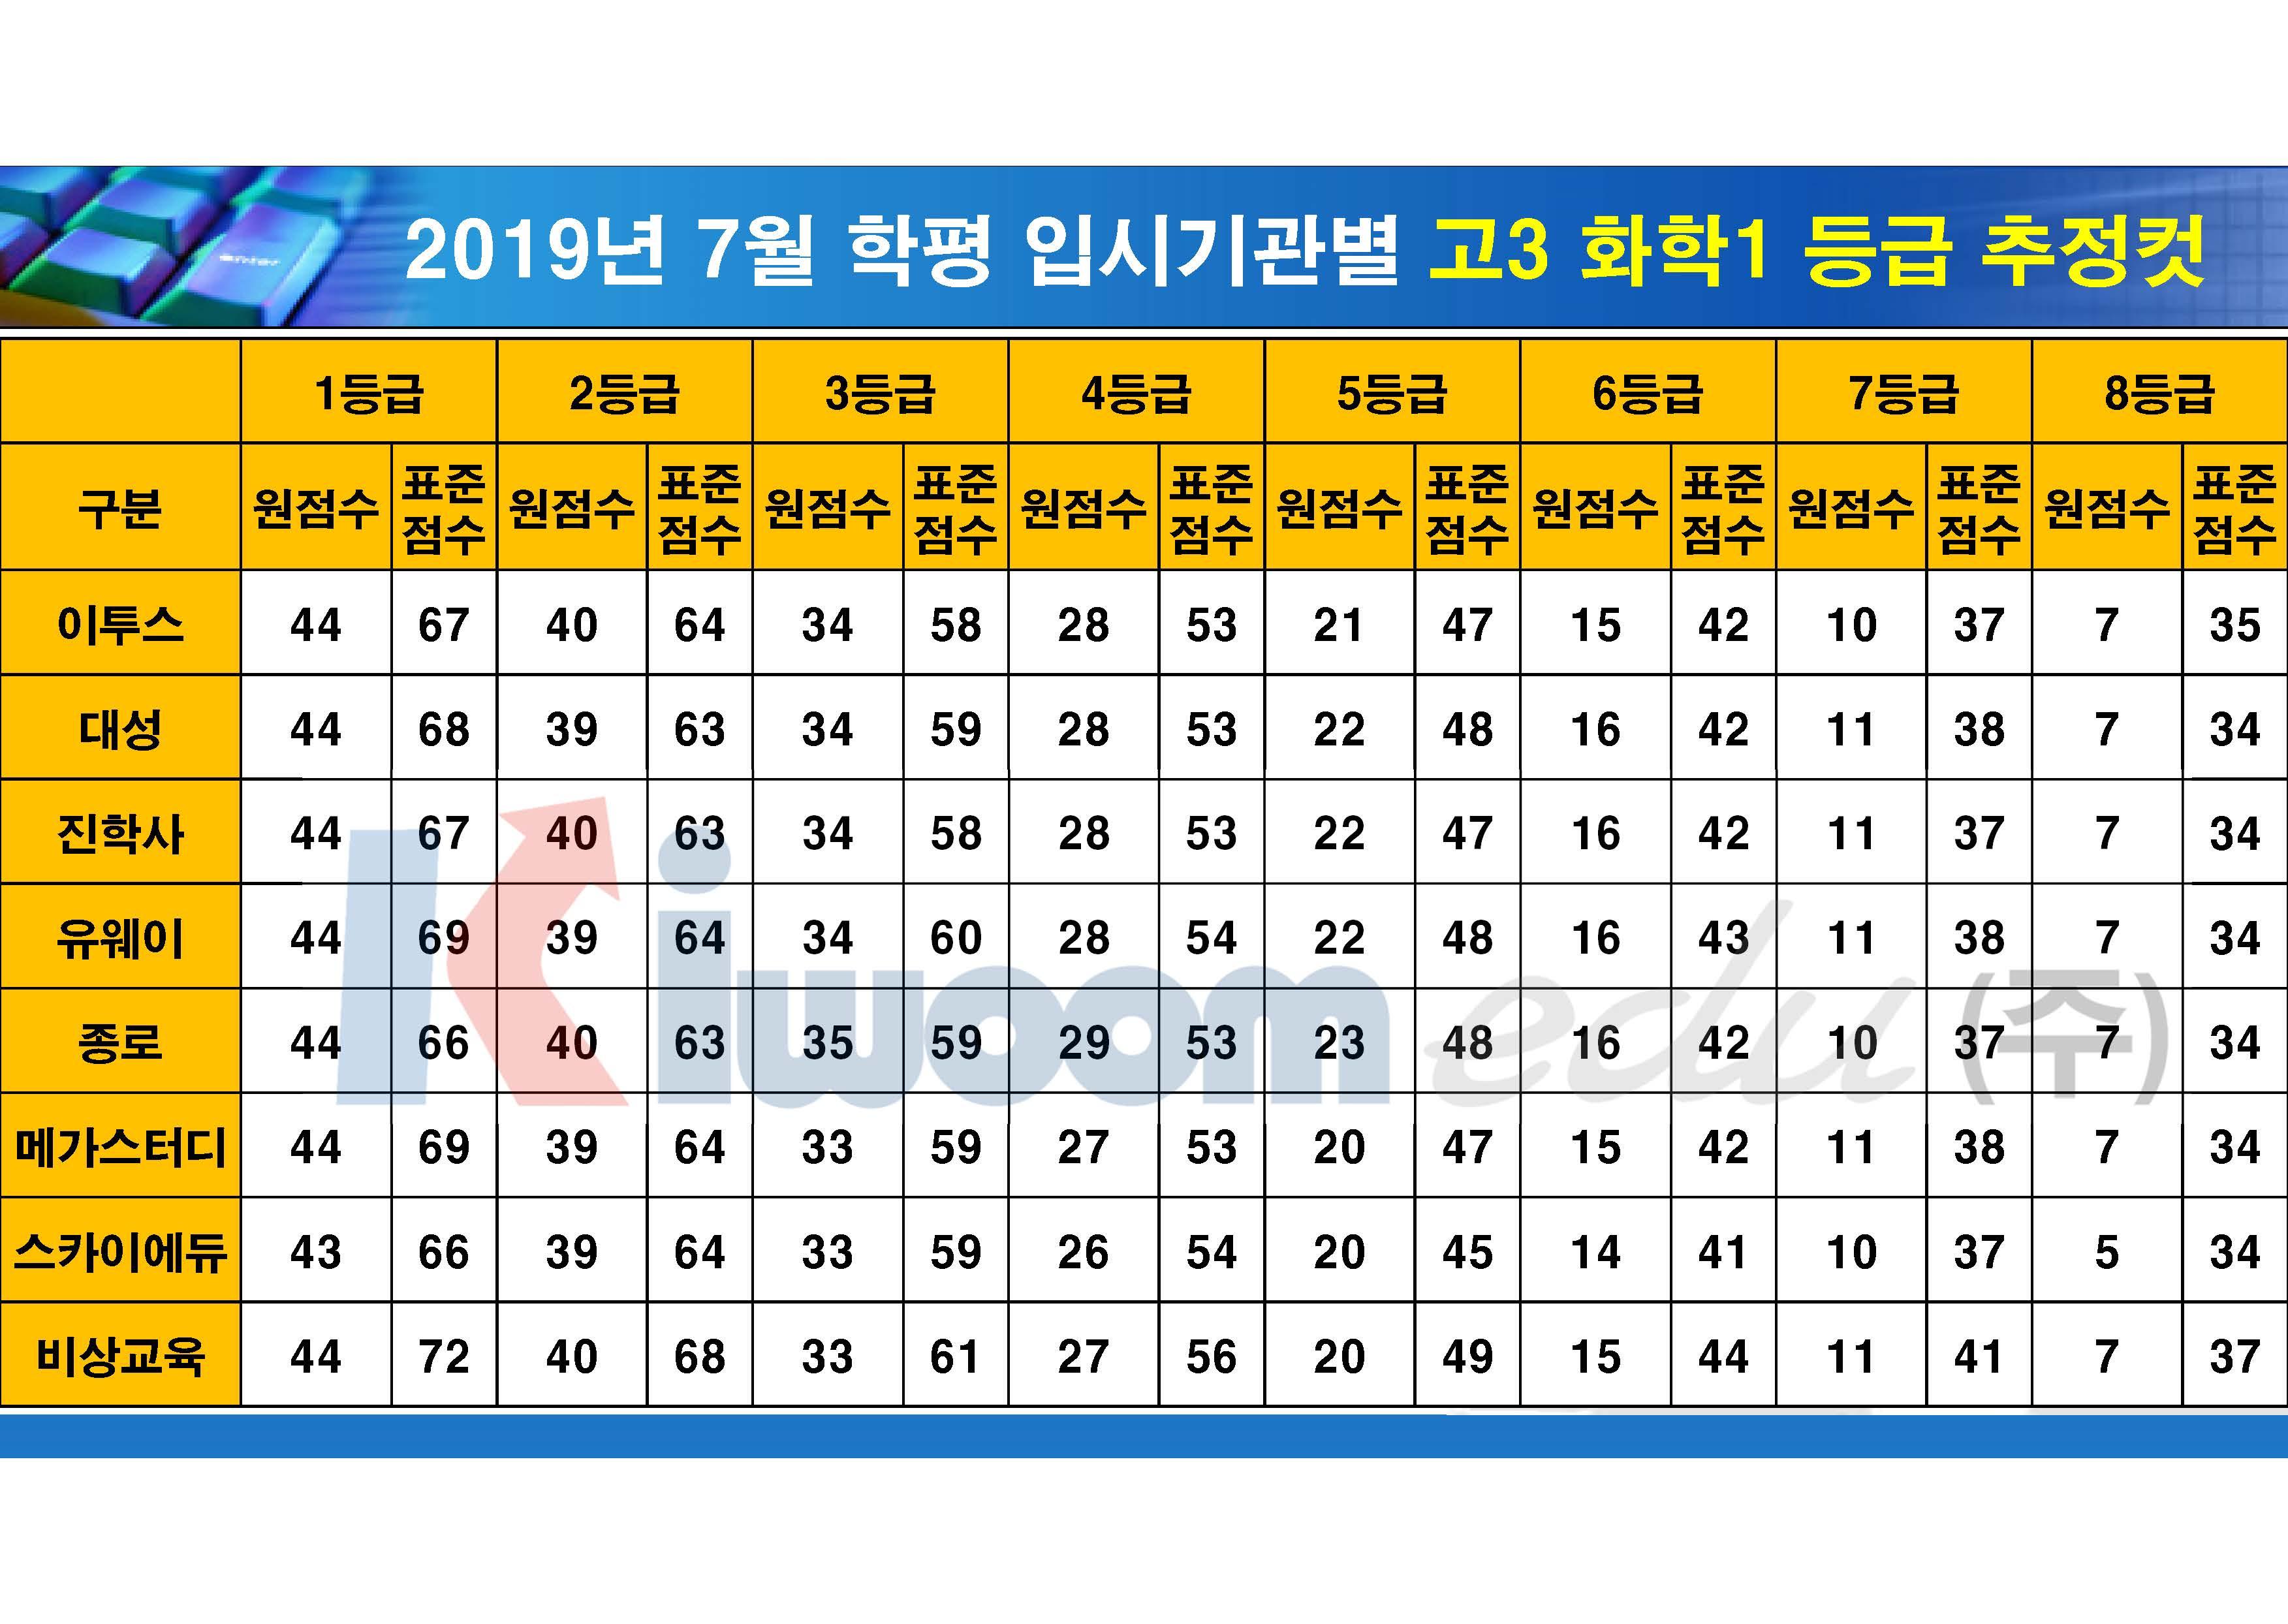 2019 7월 모의고사 입시기관별 등급컷(고3)_20190711_안지훈#1(16시 30분 기준)_Page_16.jpg